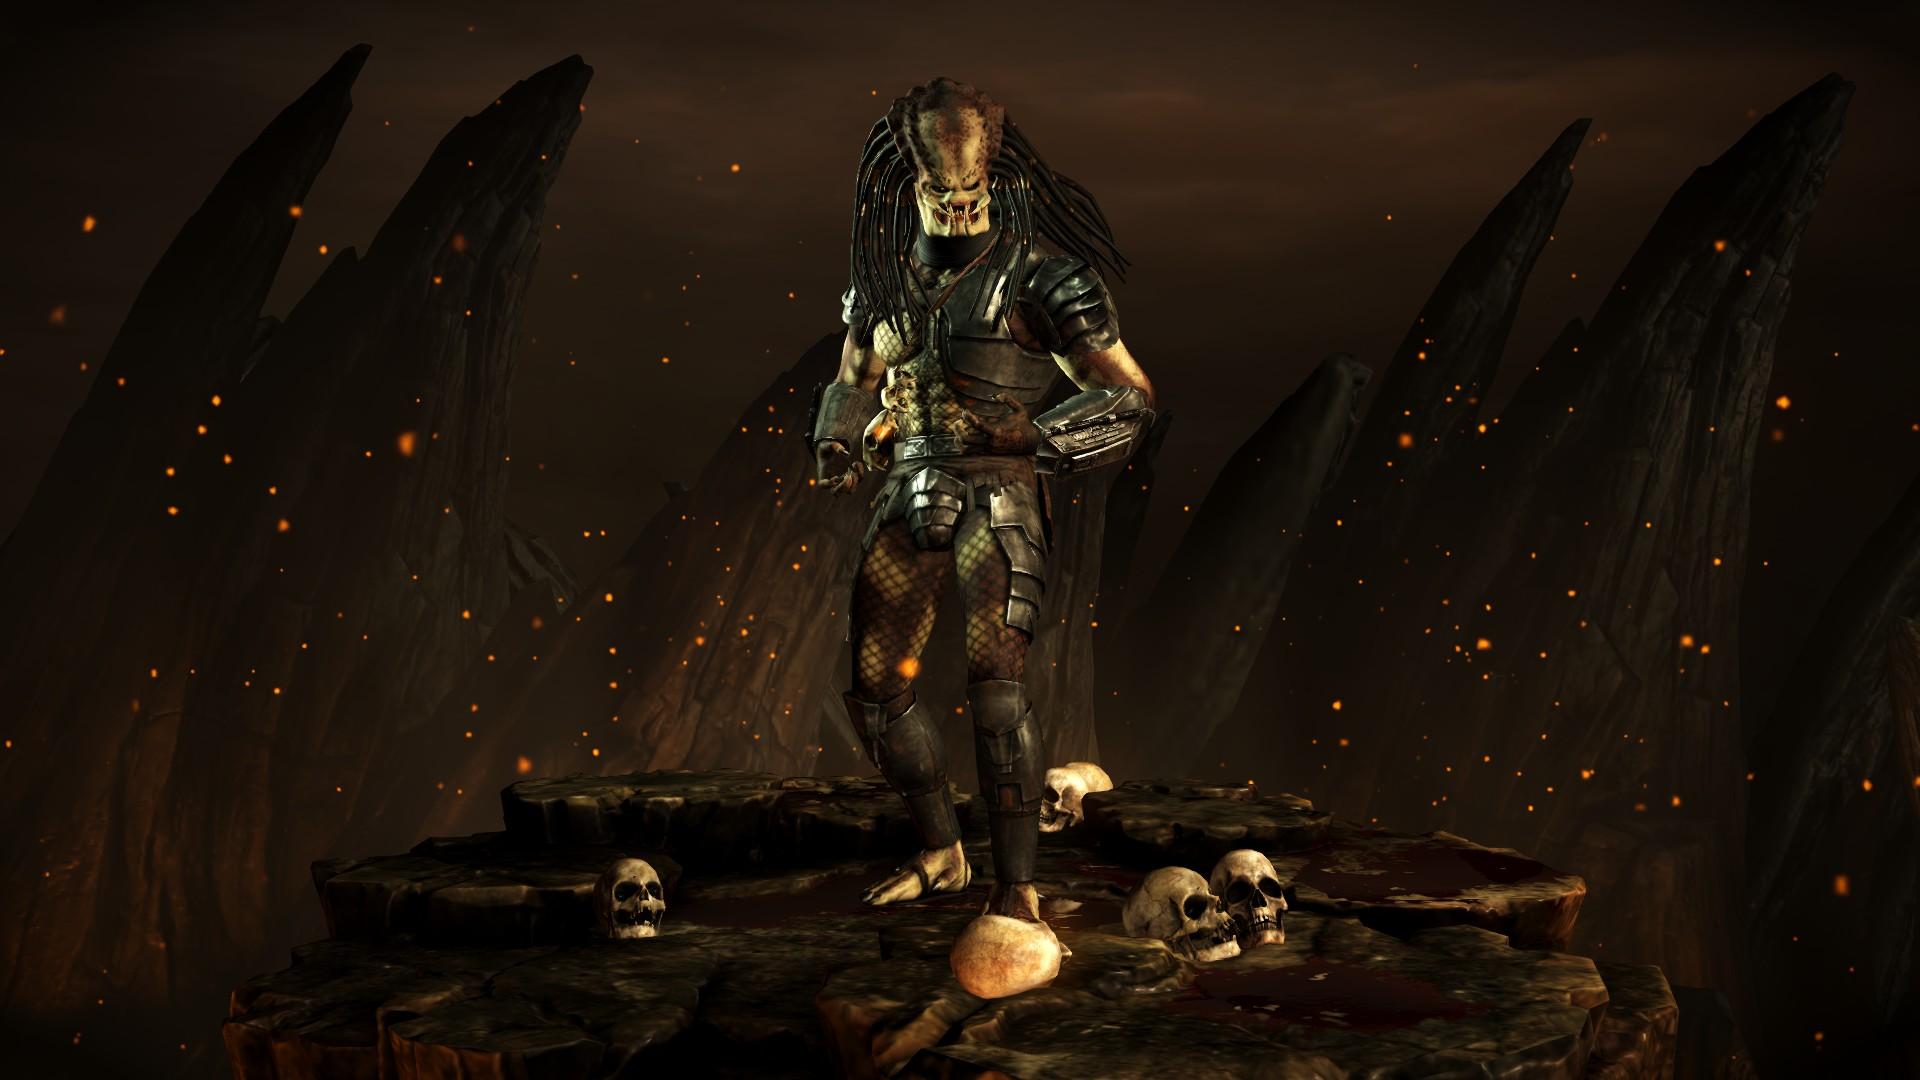 Хищник (Стиль: Воин) - Mortal Kombat X